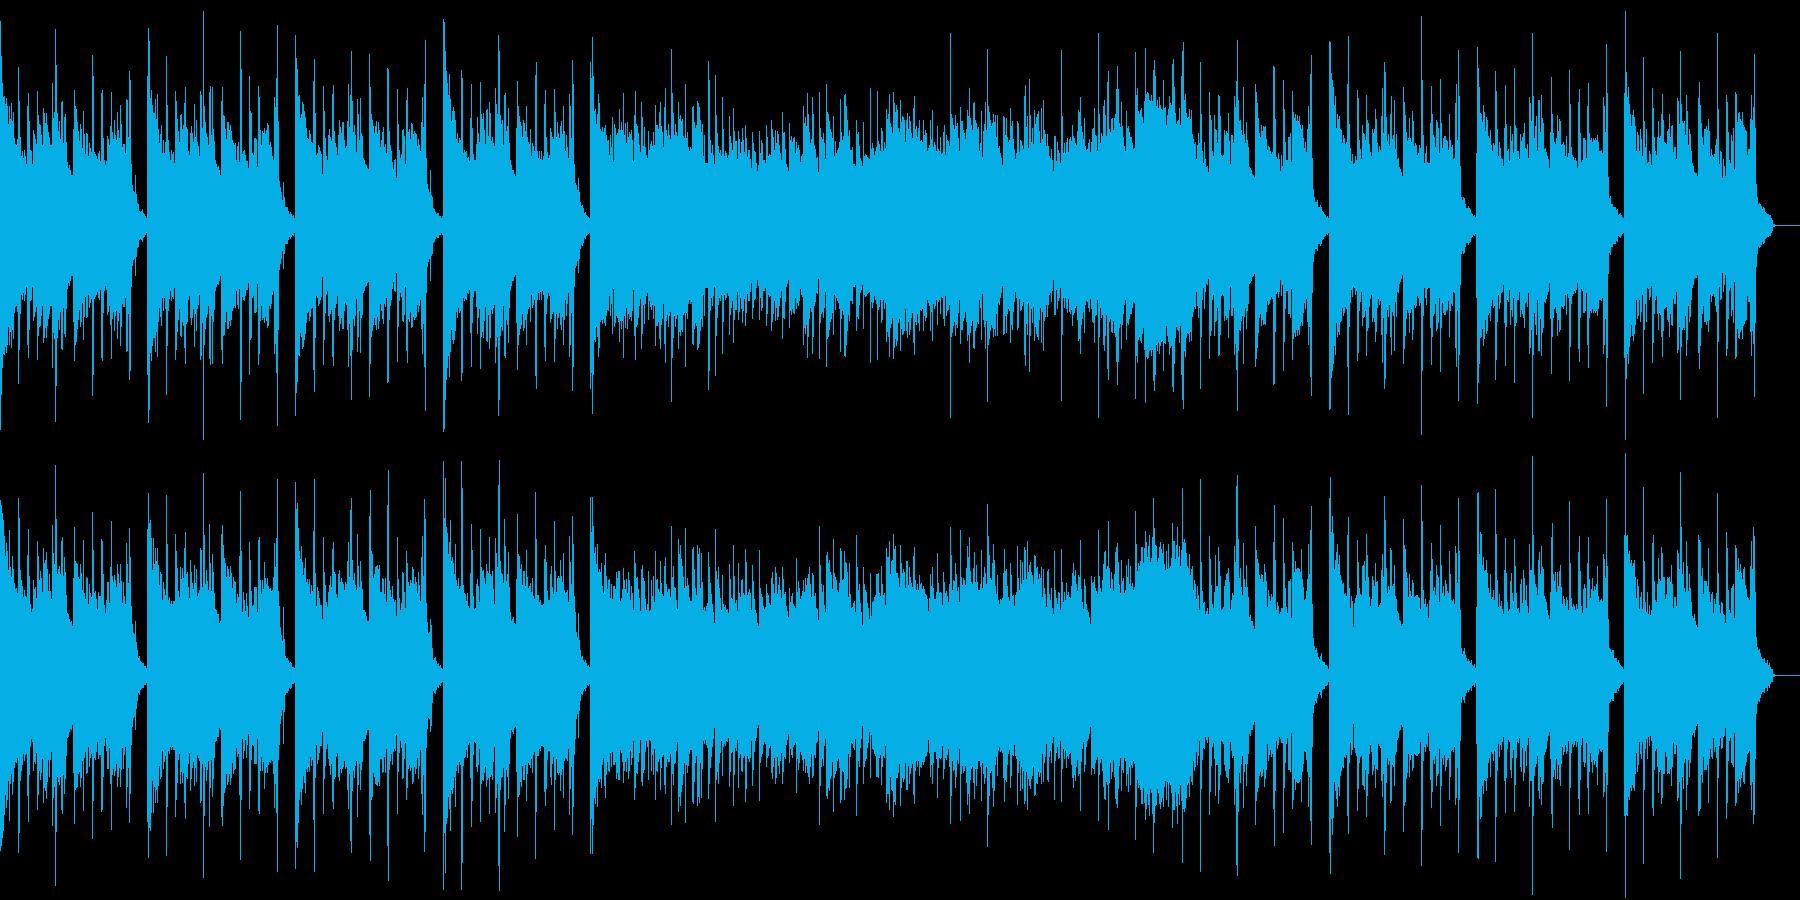 攻め攻めなバウンスEDMの再生済みの波形